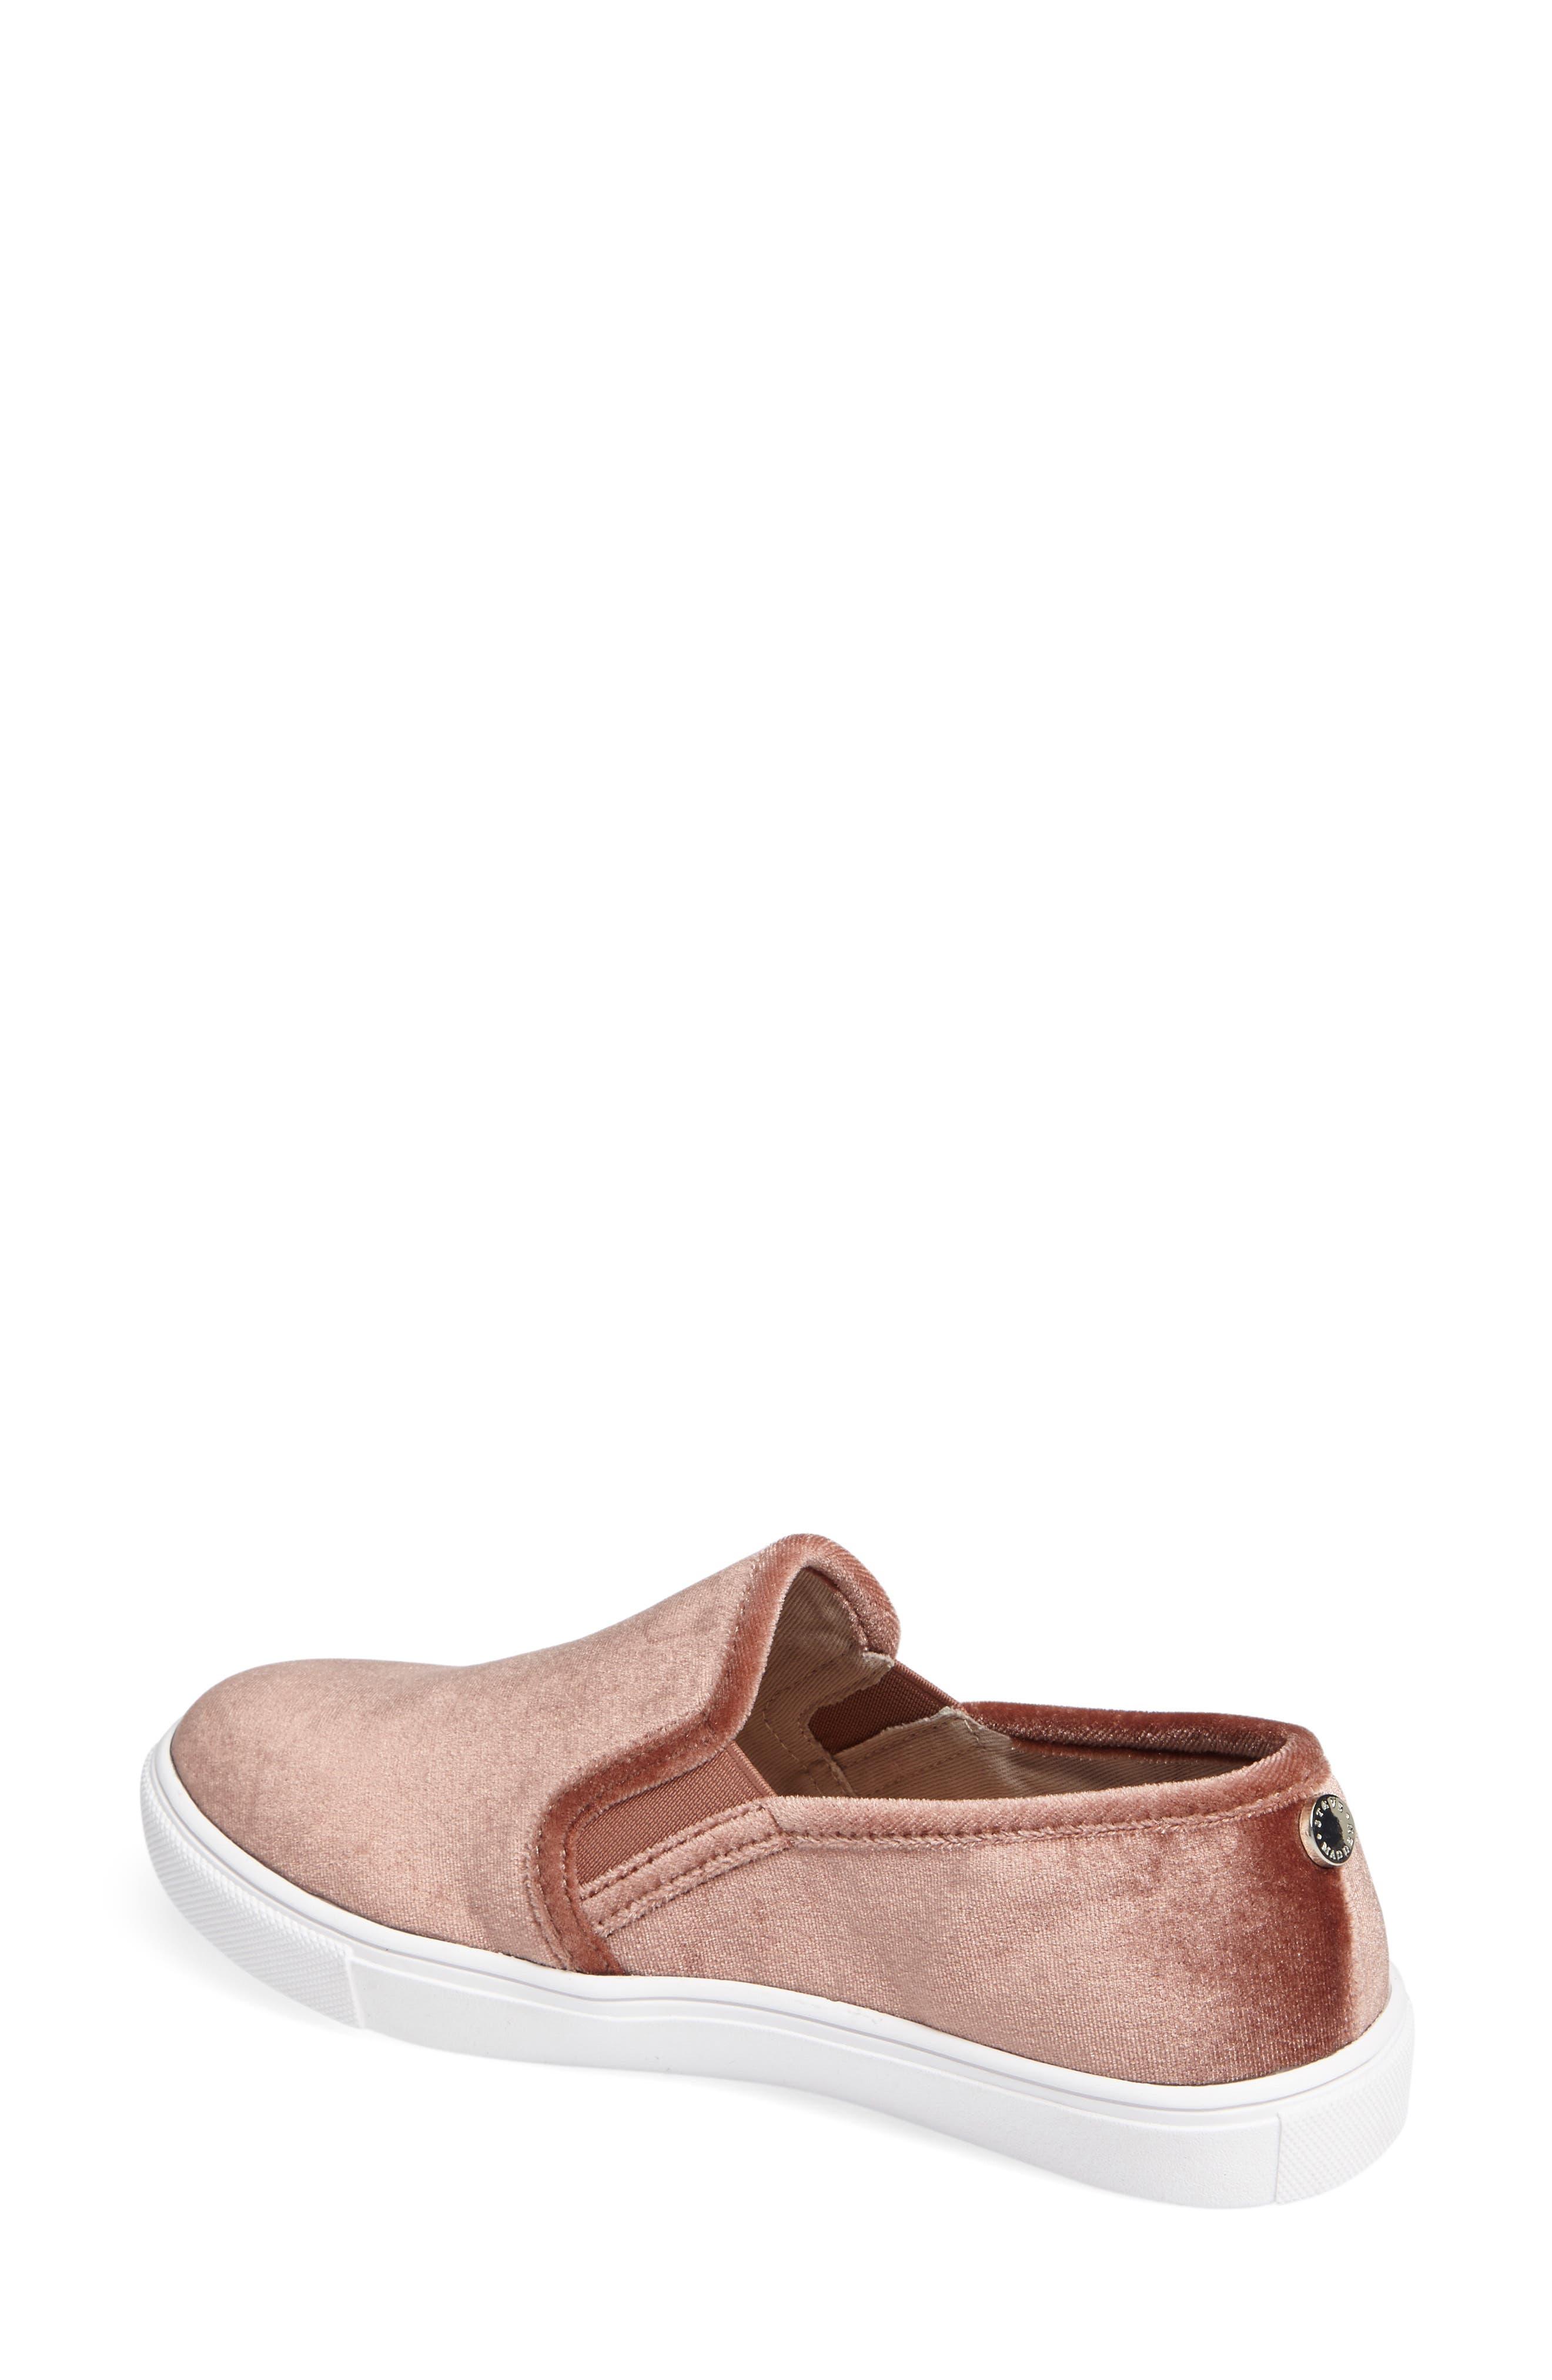 Ecntrcv Slip-On Sneaker,                             Alternate thumbnail 11, color,